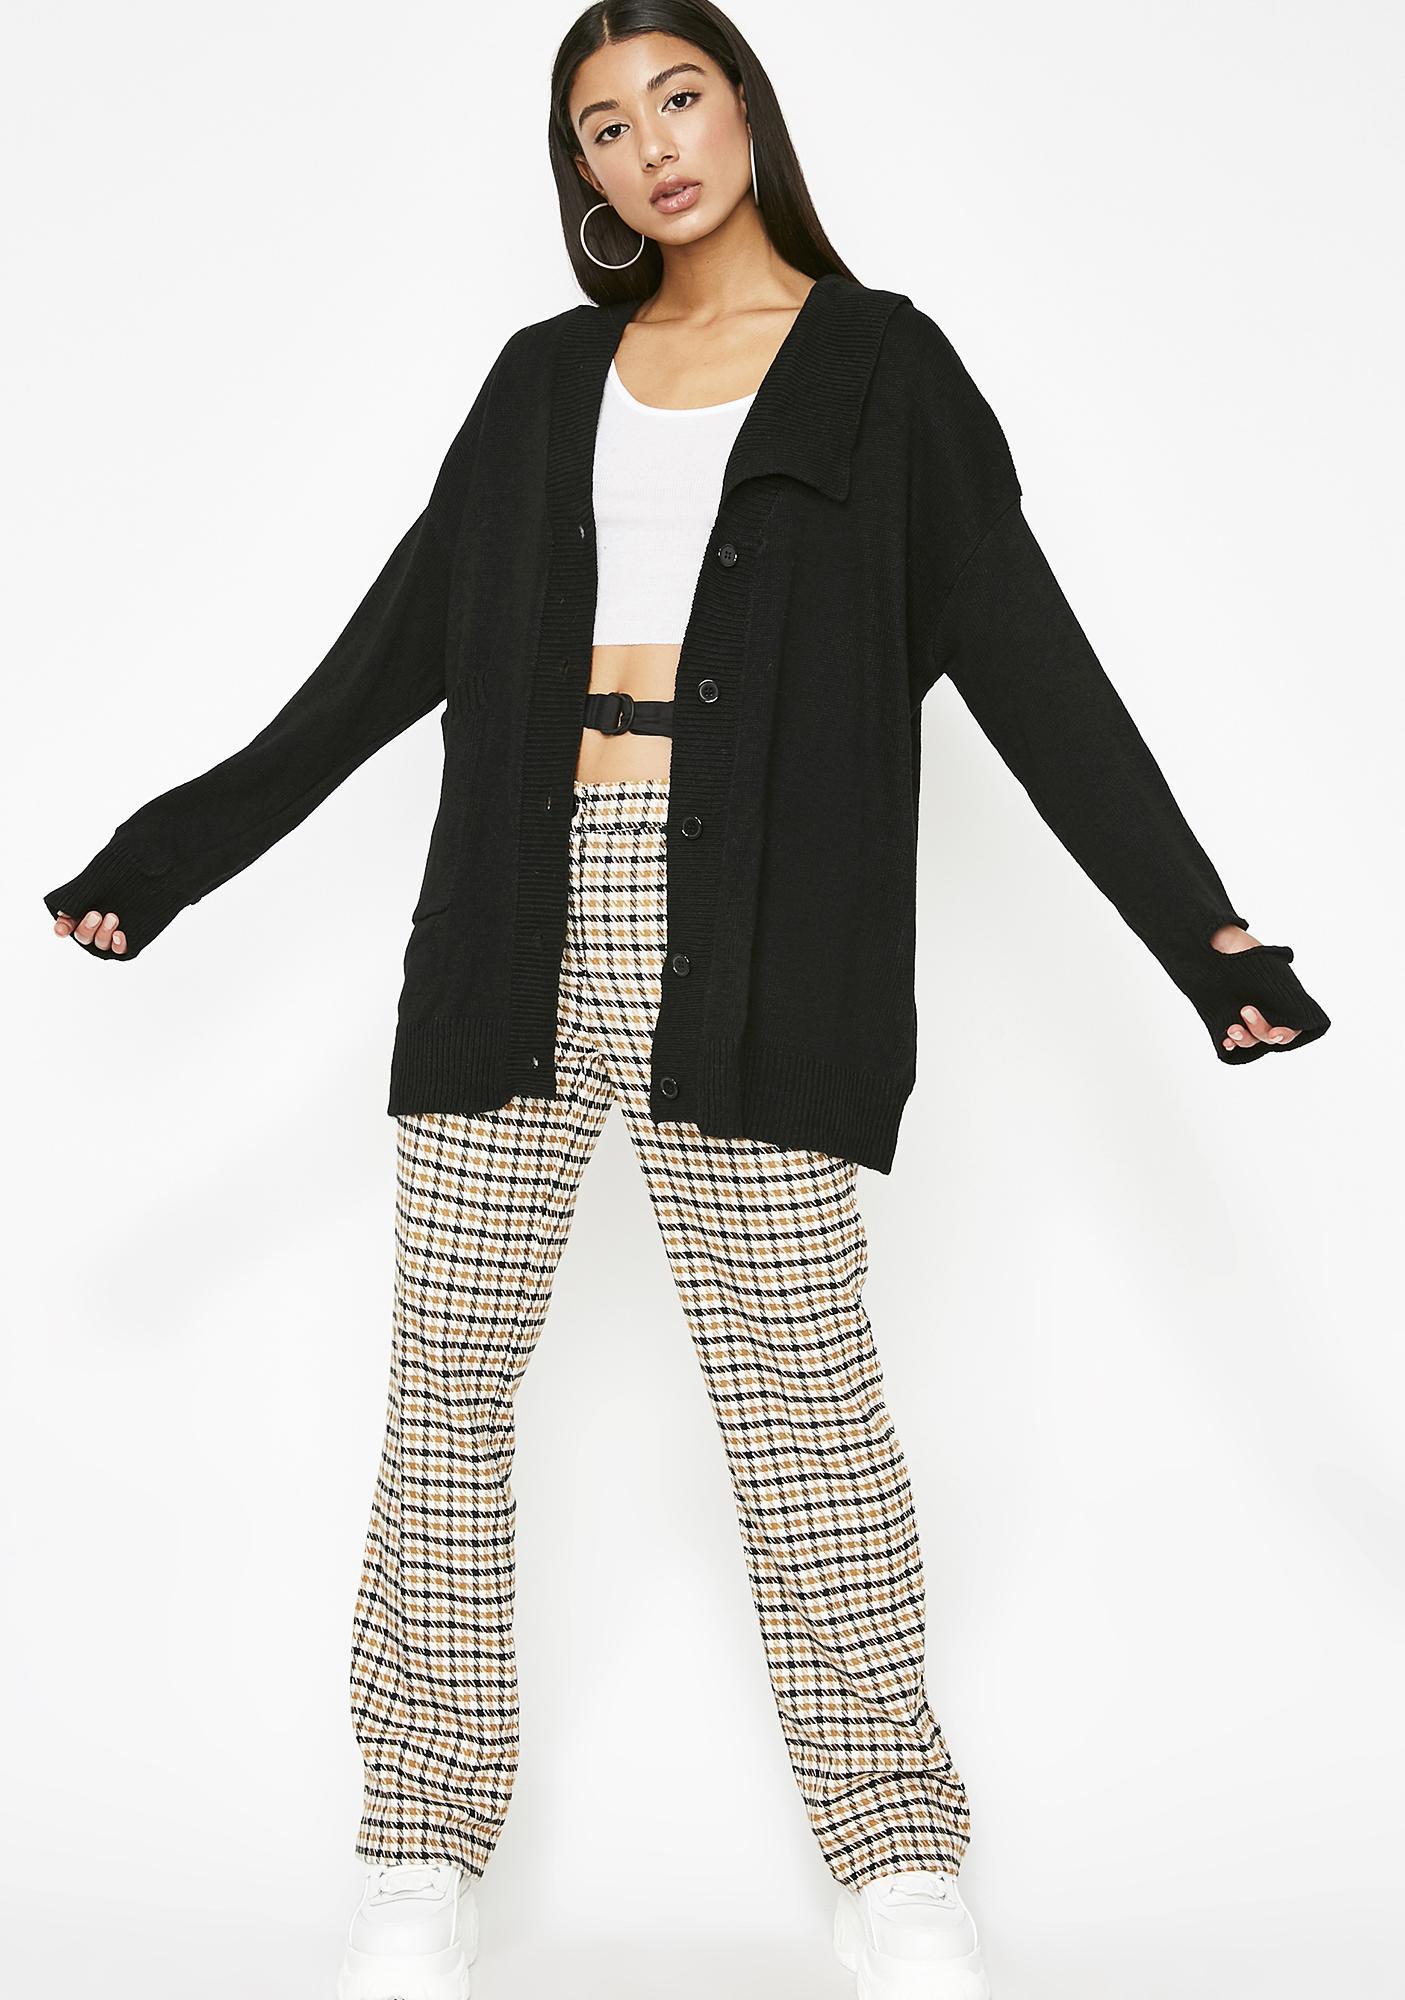 Onyx Prim N' Unproper Knit Cardigan